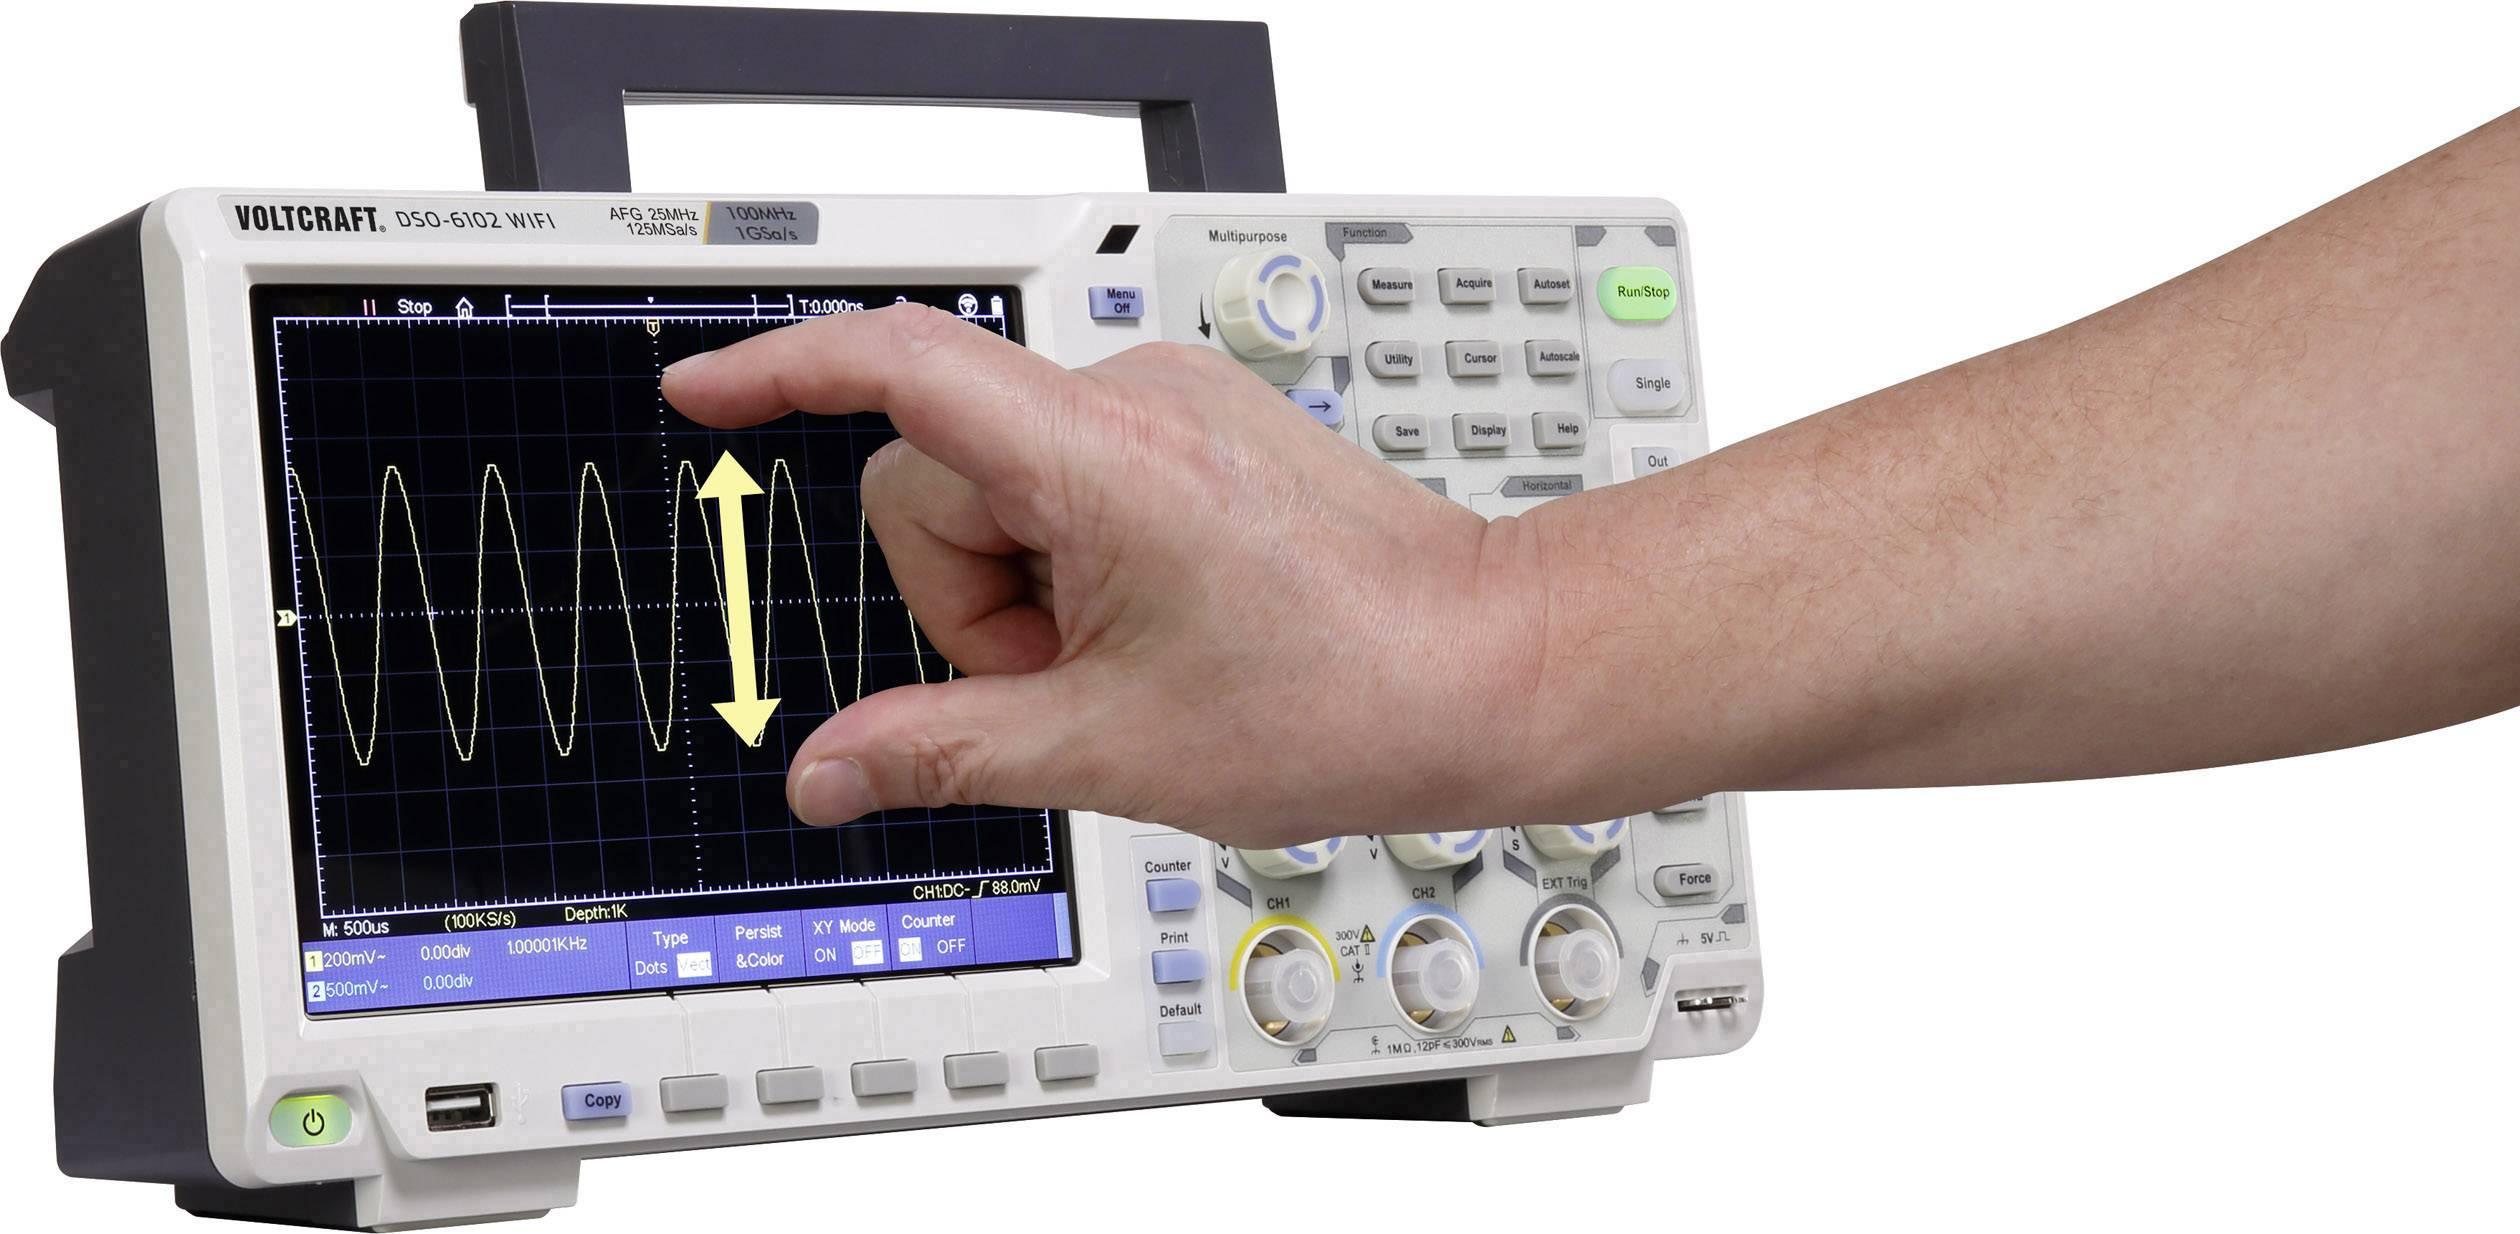 Digitální osciloskop VOLTCRAFT DSO-6102WIFI, 100 MHz, 2kanálová